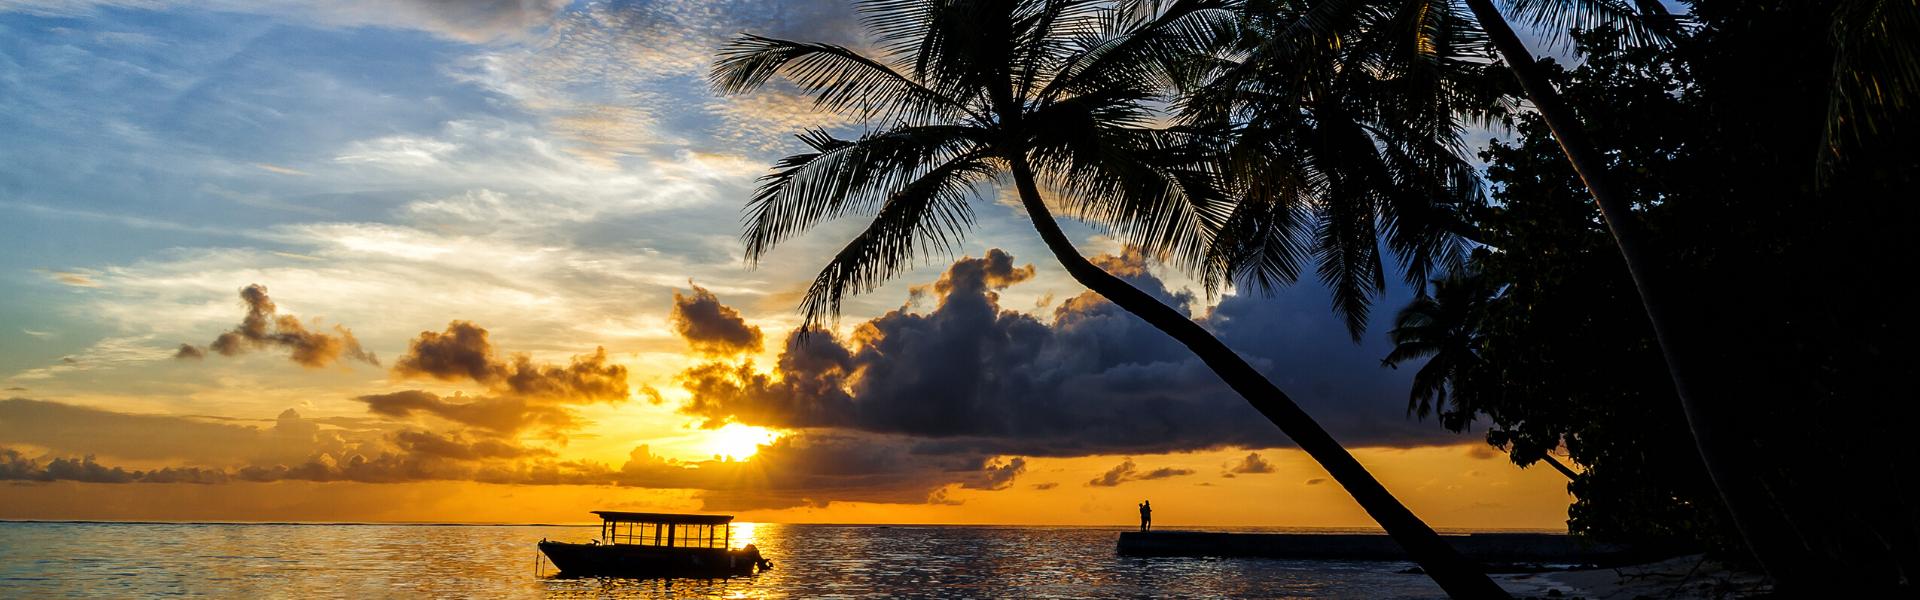 Puesta de sol Maldivas